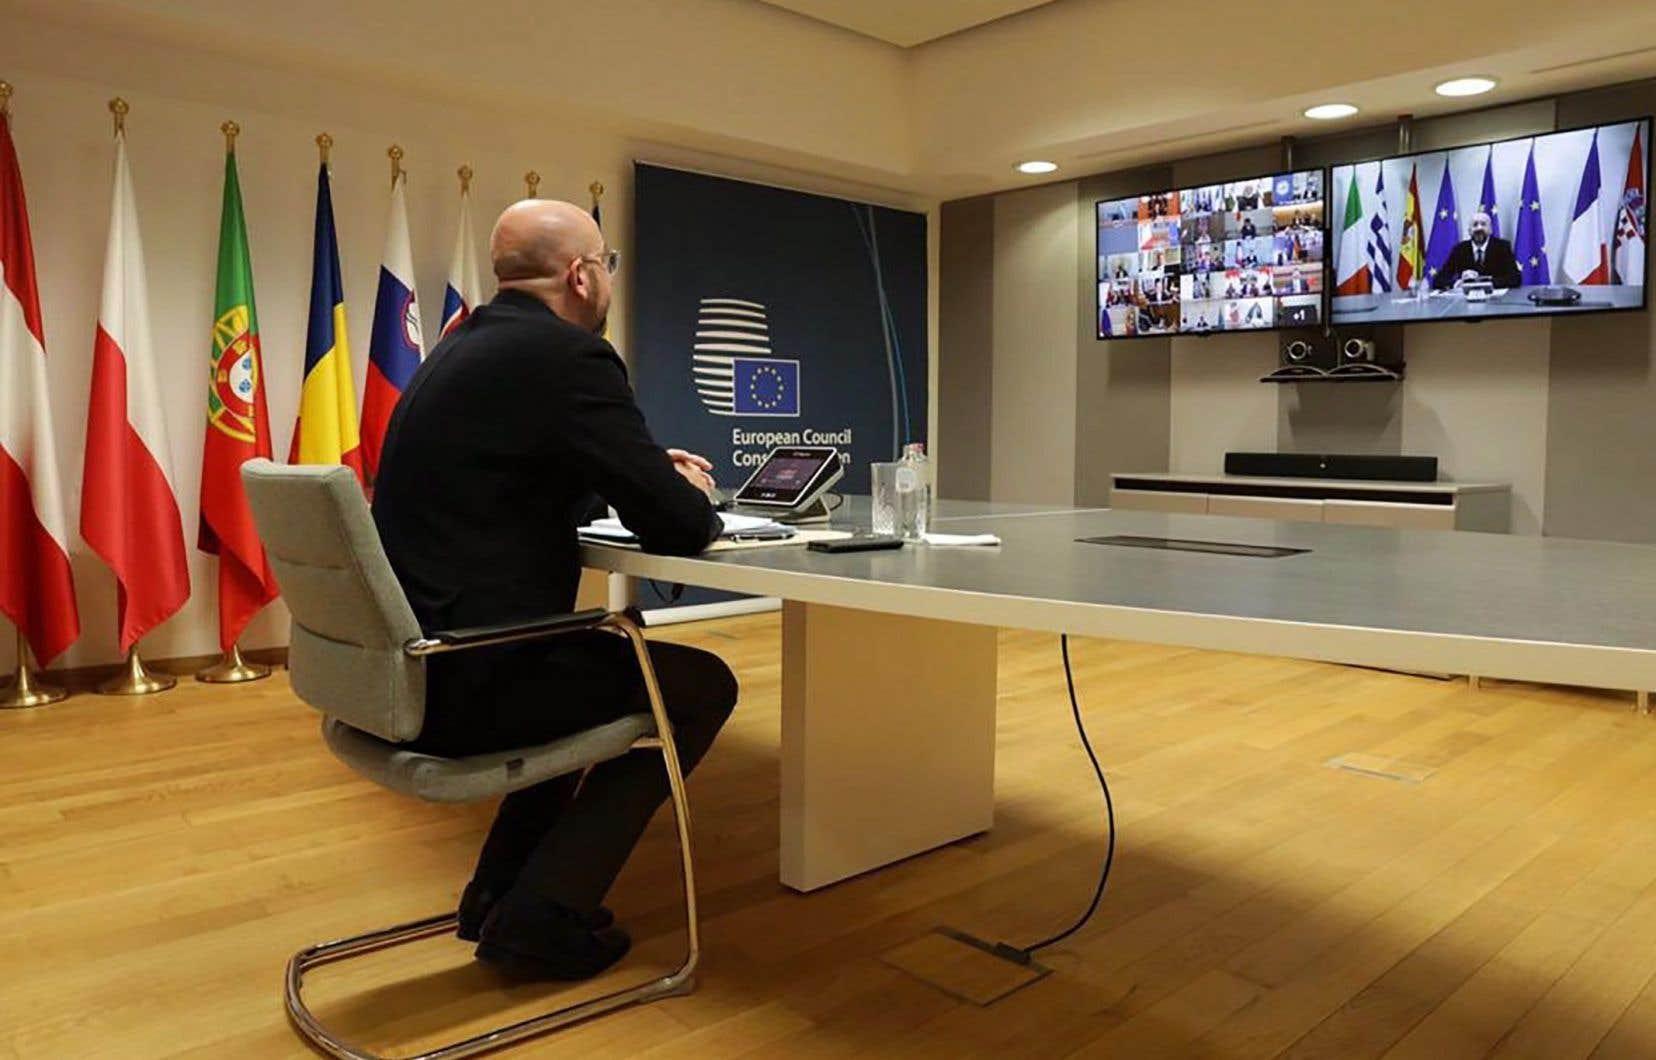 <p>Le président du Conseil européen, Charles Michel, a convoqué vendredi un sommet européen par visioconférence pour le 23avril, consacré à la relance économique de l'Union, touchée de plein fouet par la pandémie de coronavirus.</p>